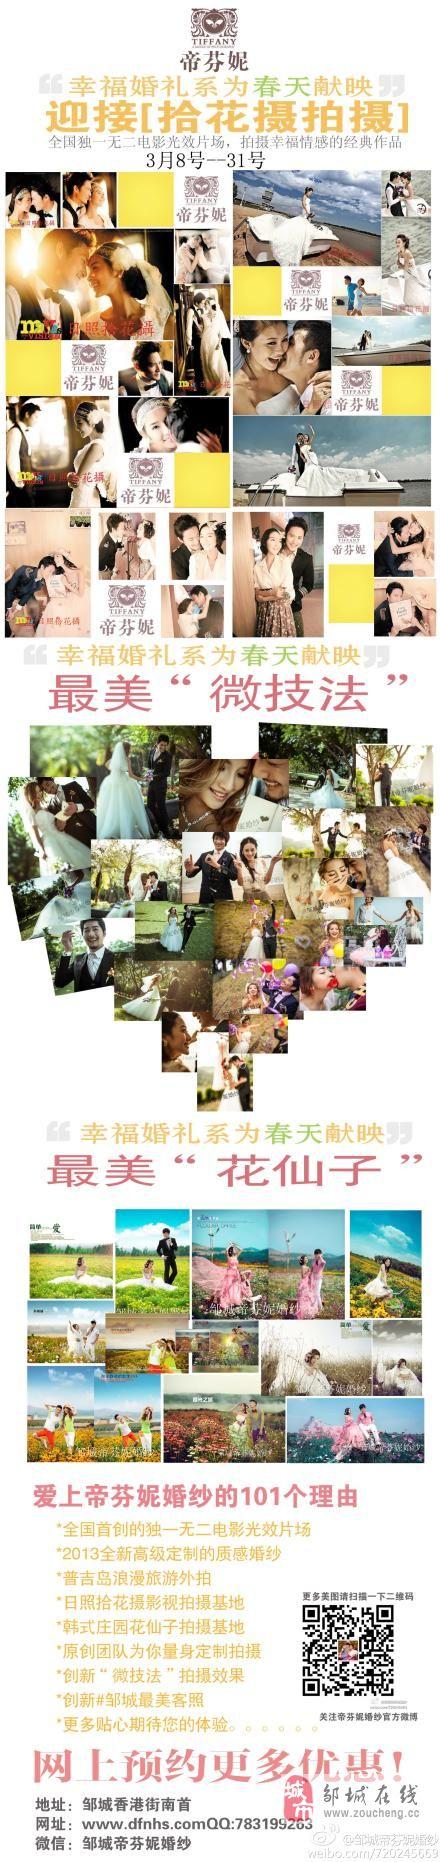 """帝芬妮婚紗2013最新主題為""""春天獻映"""""""